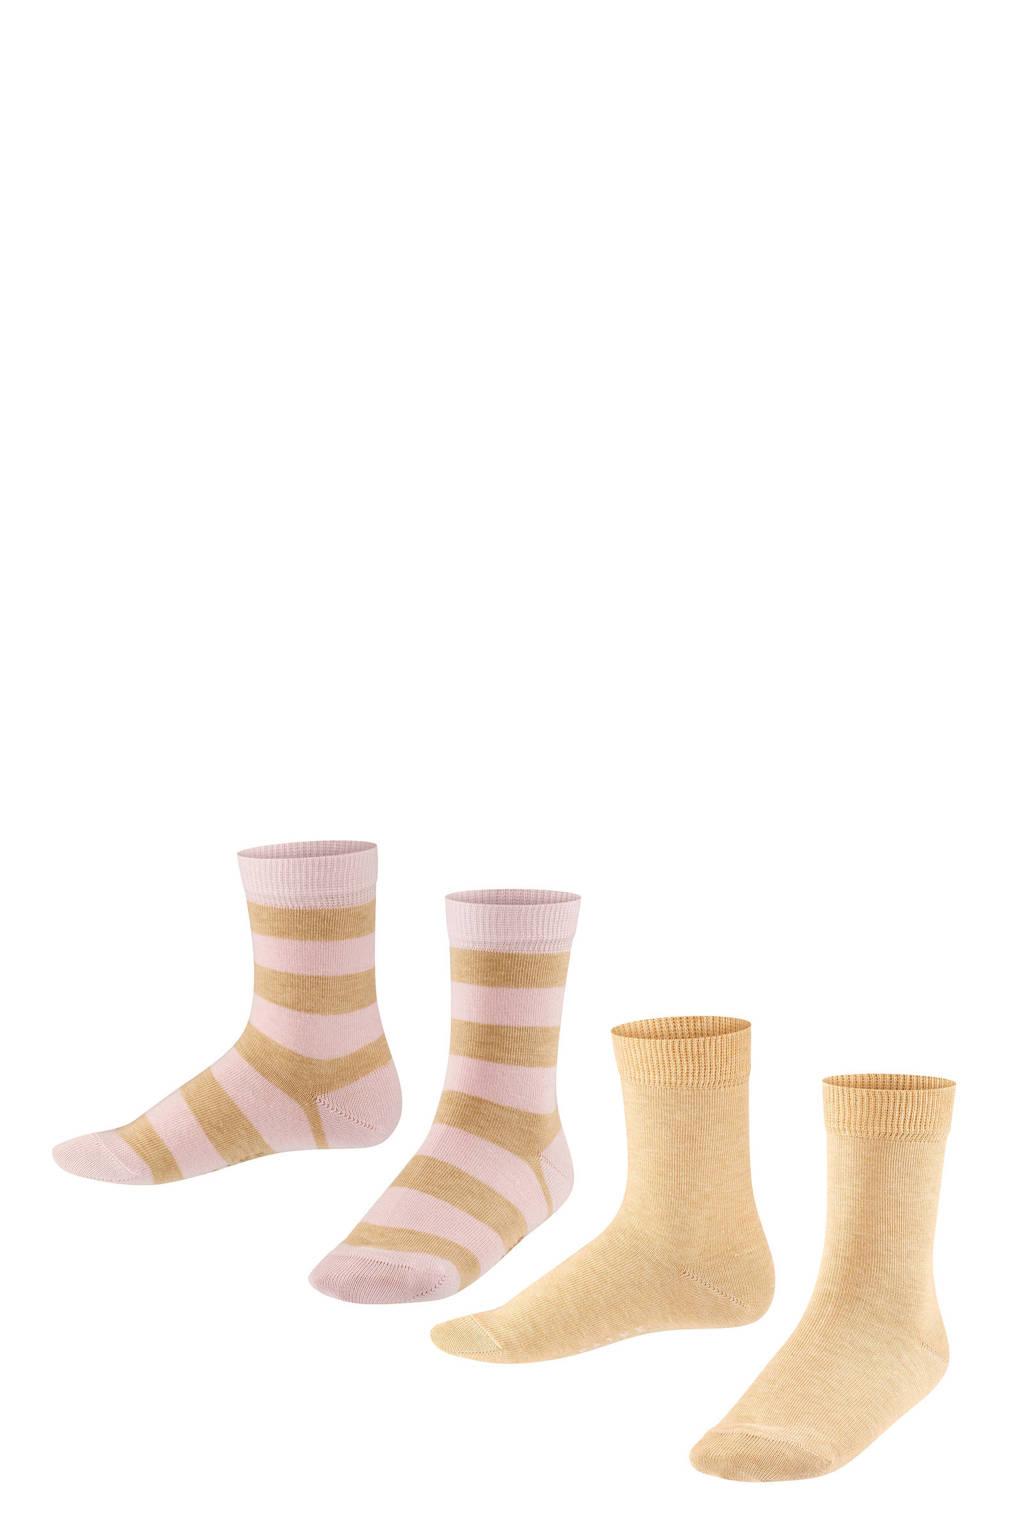 FALKE Happy Stripe sokken - set van 2 lichtroze/beige, Lichtroze/beige